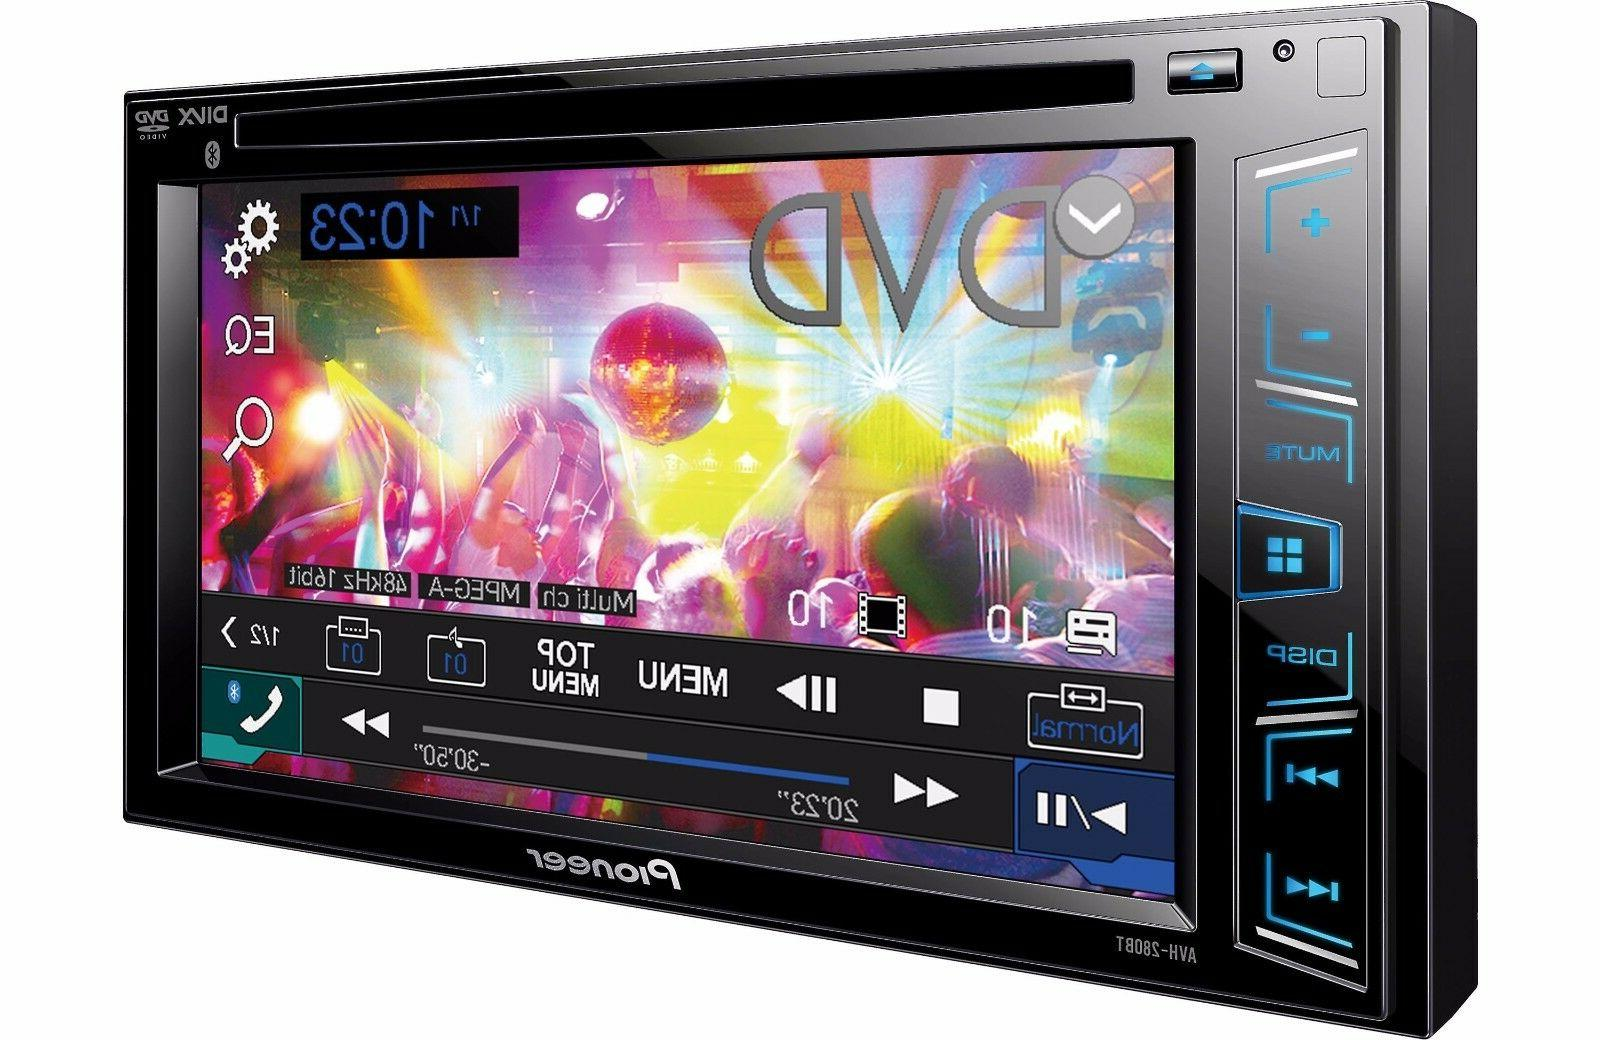 Pioneer AVH-280BT DVD Player 6.2 Touchscreen LED-LCD - 16:9 - 88 Double DIN 4 Channels - - DVD Video, MPEG-2, MPEG-4, AVI, WMV, VCD, MPEG, DivX 3, DivX . - WMA, AAC, WAV, WMA8,